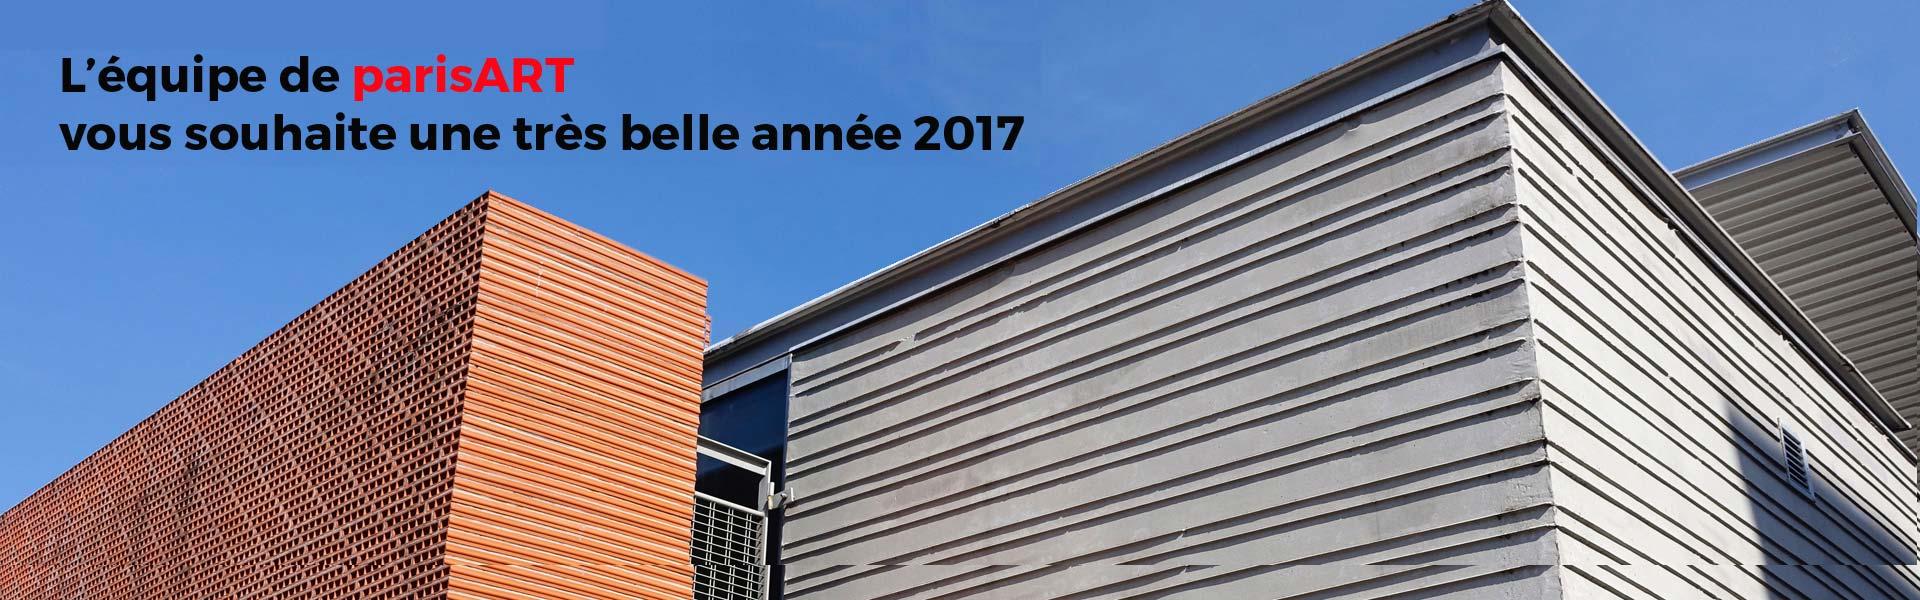 voeux2017bigcc